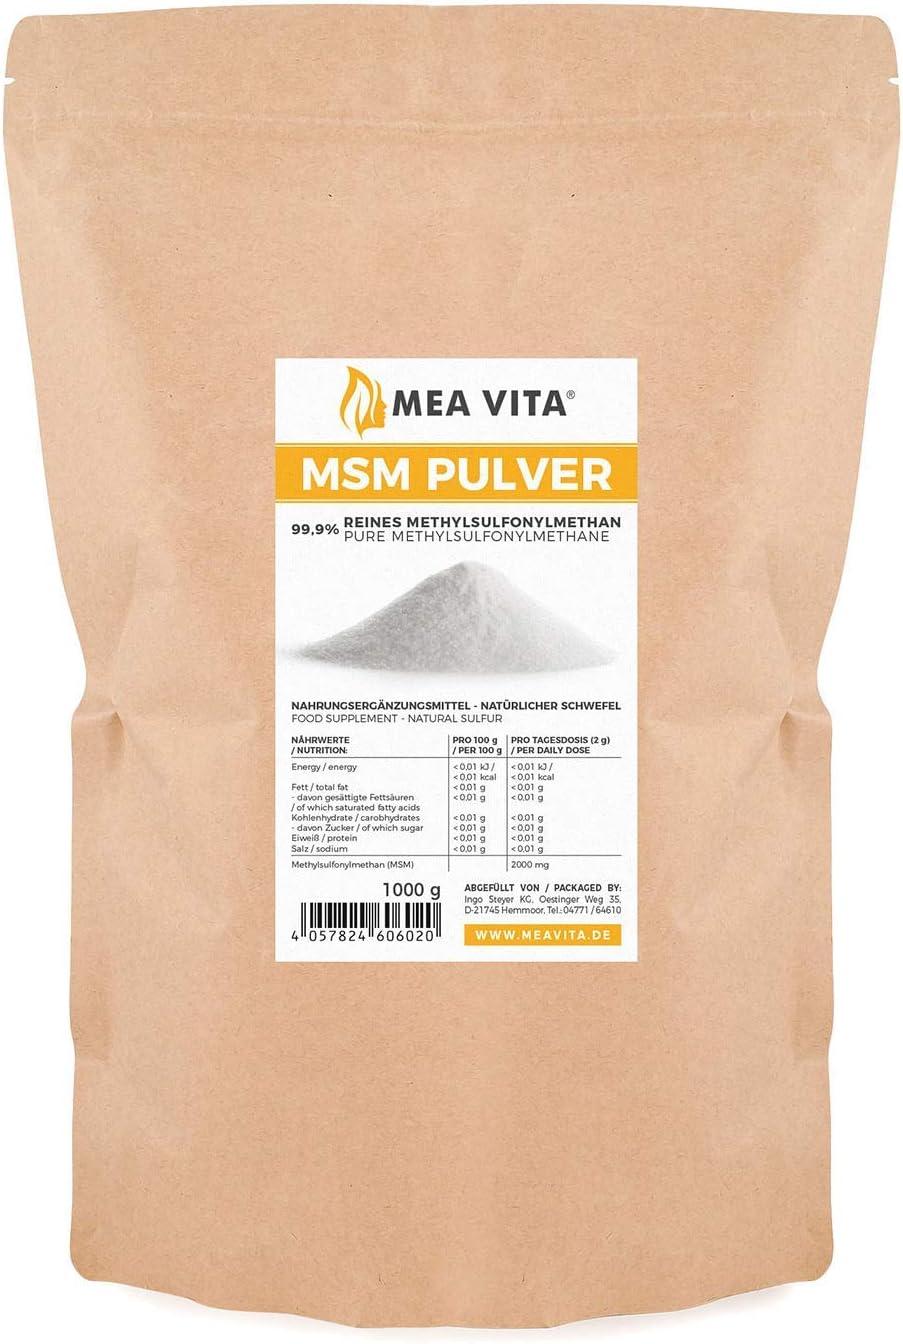 Meavita Meavita Msm En Polvo 99.9 Por Ciento Puro, Metilsulfonilmetano, 1000 G 1000 g